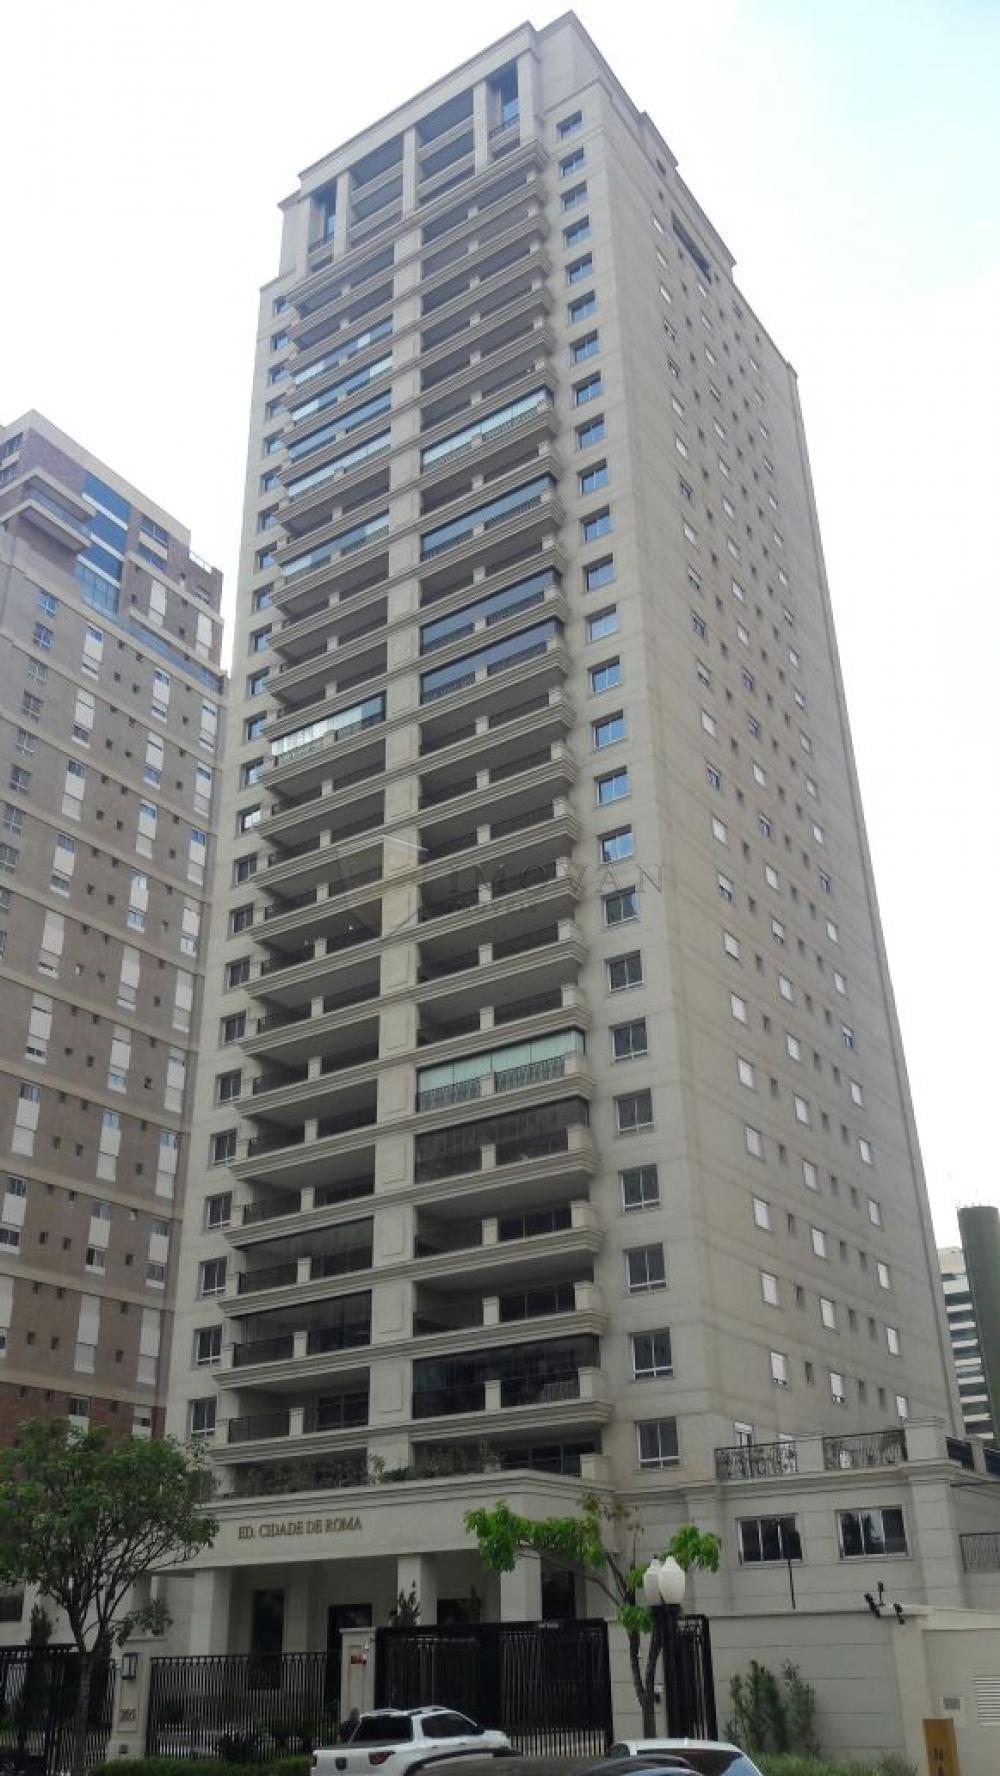 Comprar Apartamento / Padrão em Ribeirão Preto apenas R$ 1.950.000,00 - Foto 1